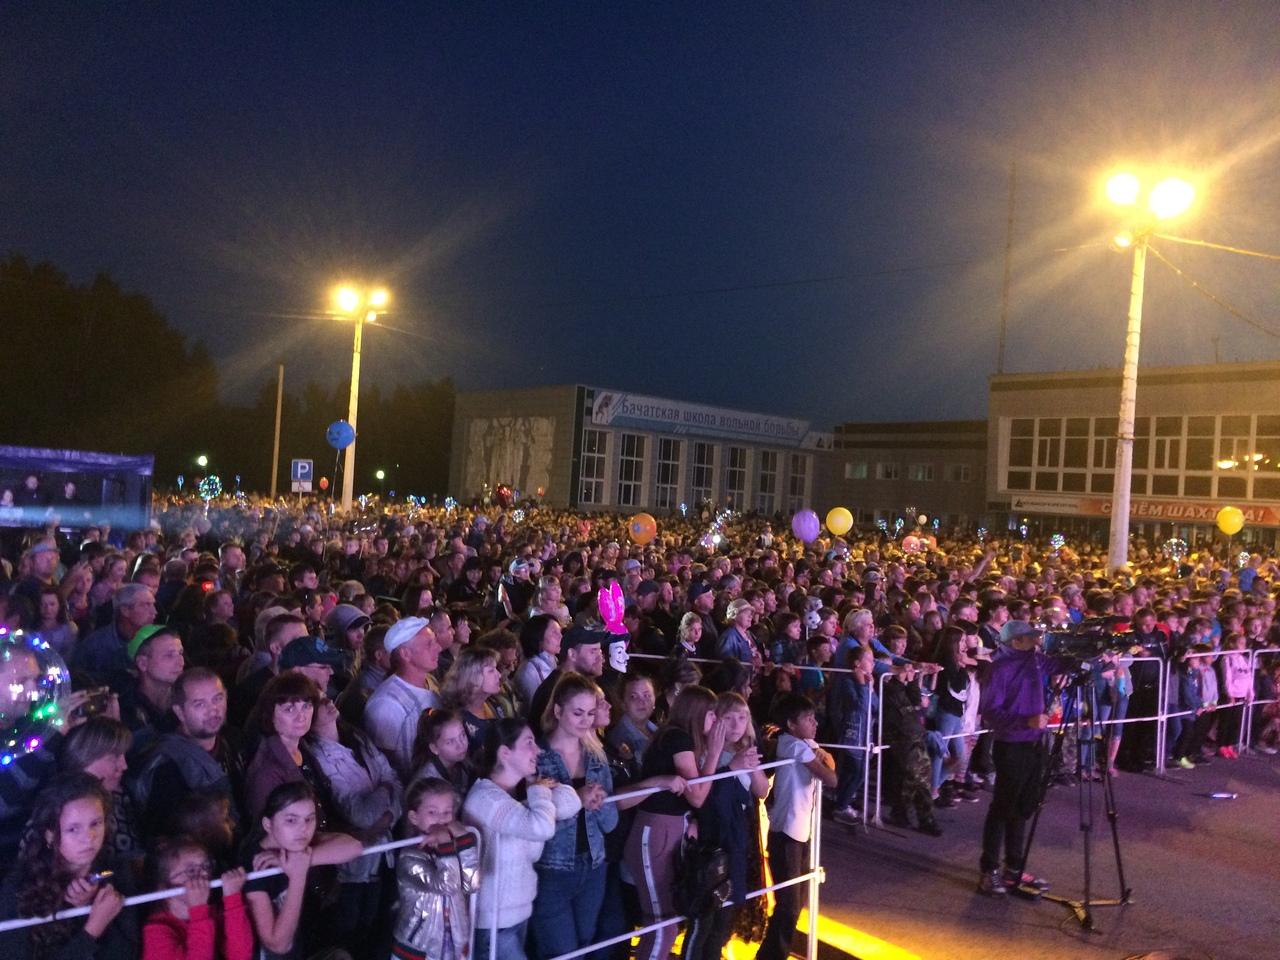 День шахтера 2018 в поселке Бачатский, Белово, выступает группа Joy